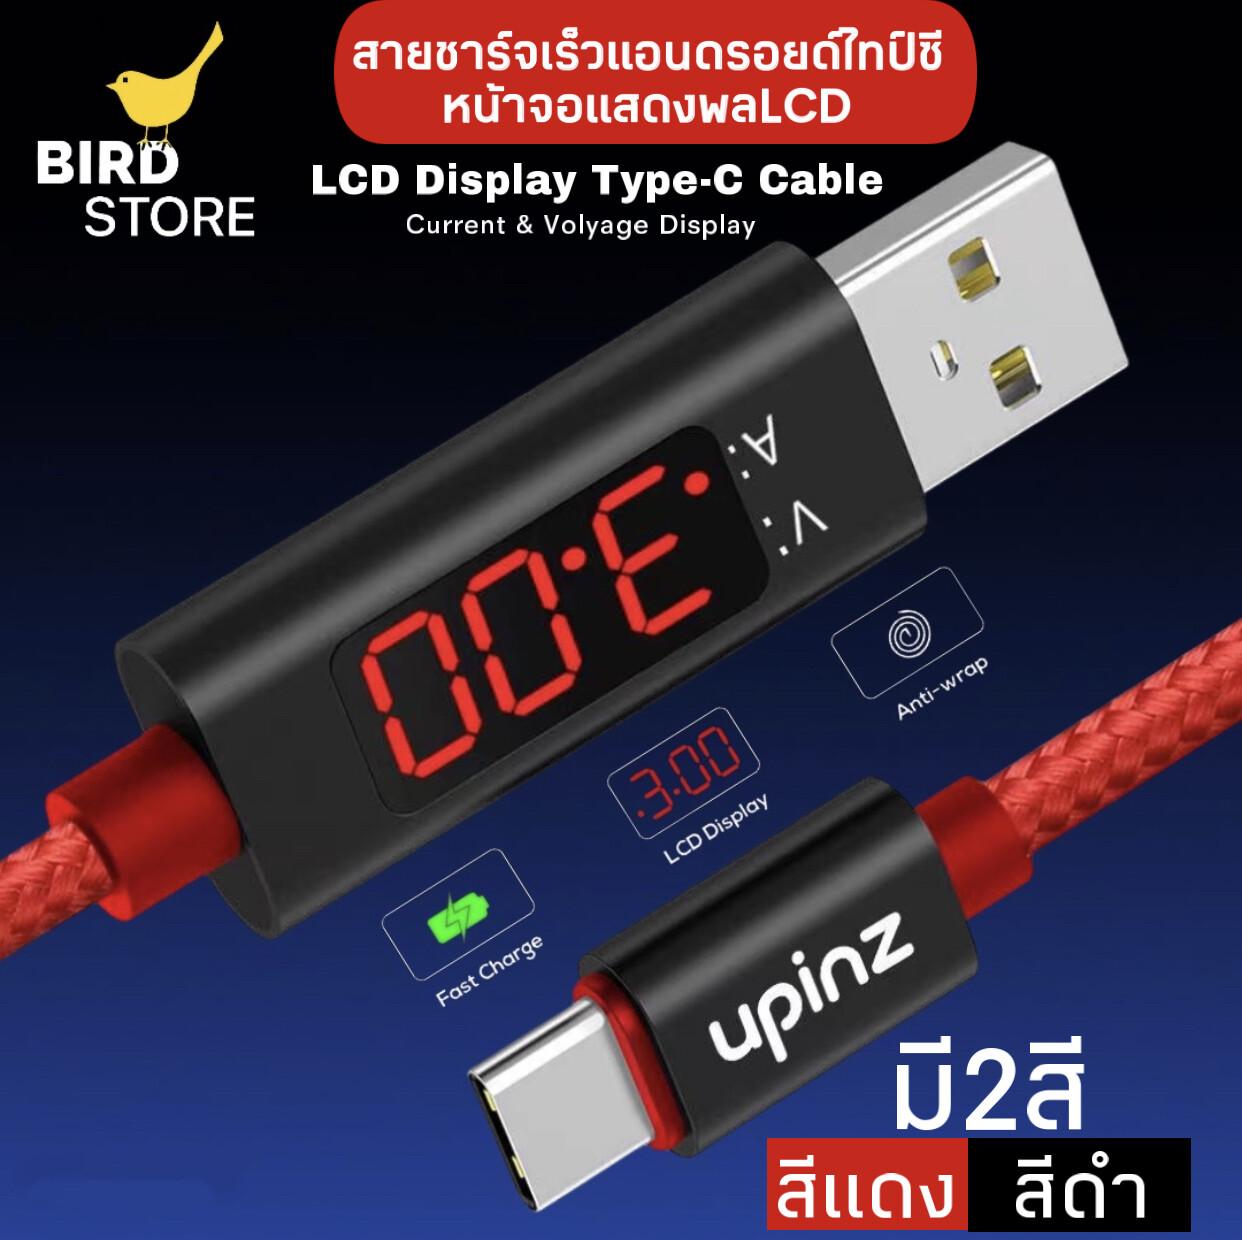 สายชาร์จเร็วTYPE-C Upinz รุ่น UP27 แสดงผลด้วยจอ LED อัจฉริยะ รองรับ Quick Charge 3.0 รองรับ รุ่น OPPO, VIVO, Huawei, Xiaomi,Samsung ของแท้ รับประกัน1ปี BY BIRDSTORE